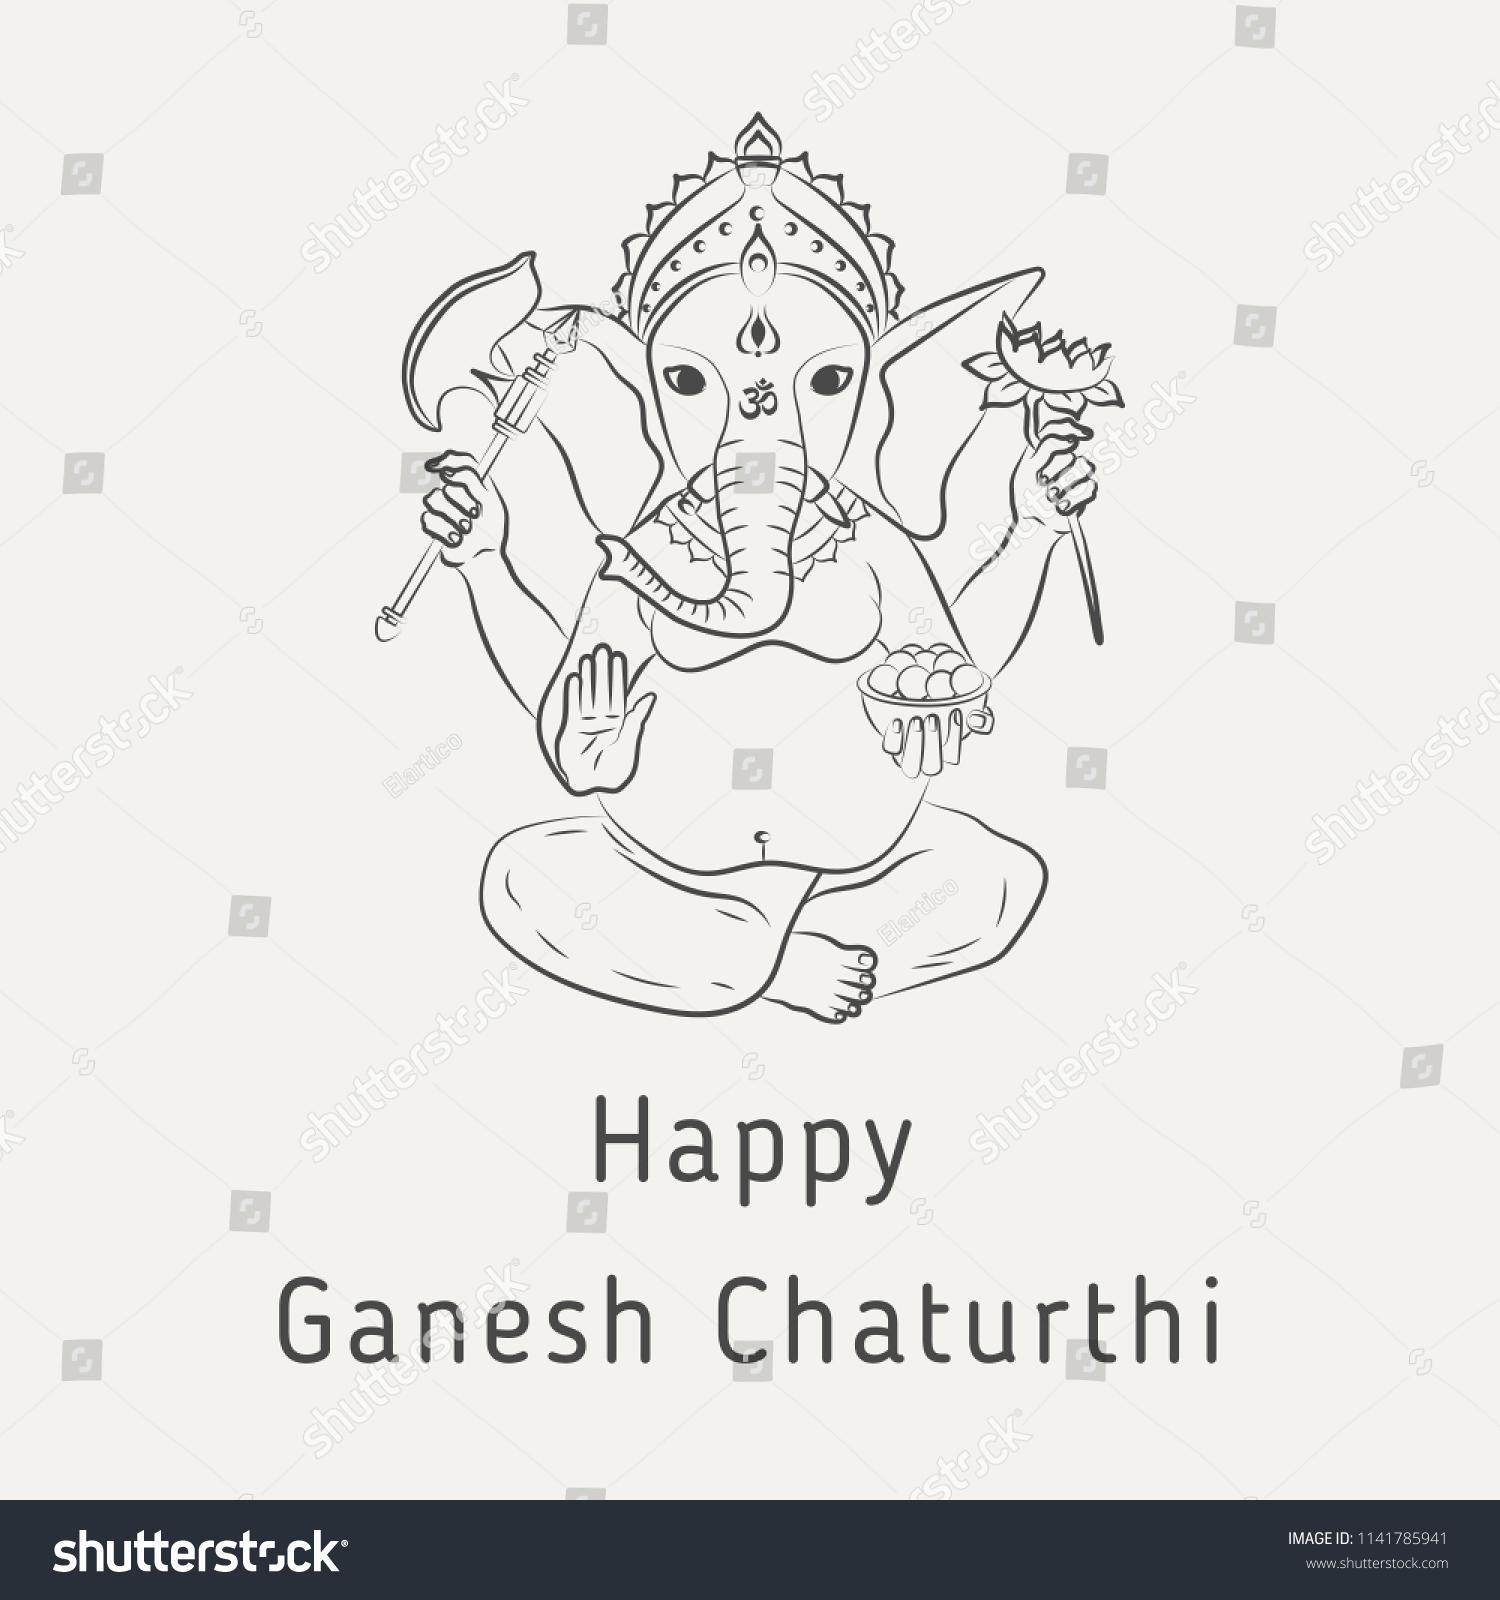 Happy Ganesh Chaturthi Greeting Card Hindu Stock Vector 1141785941